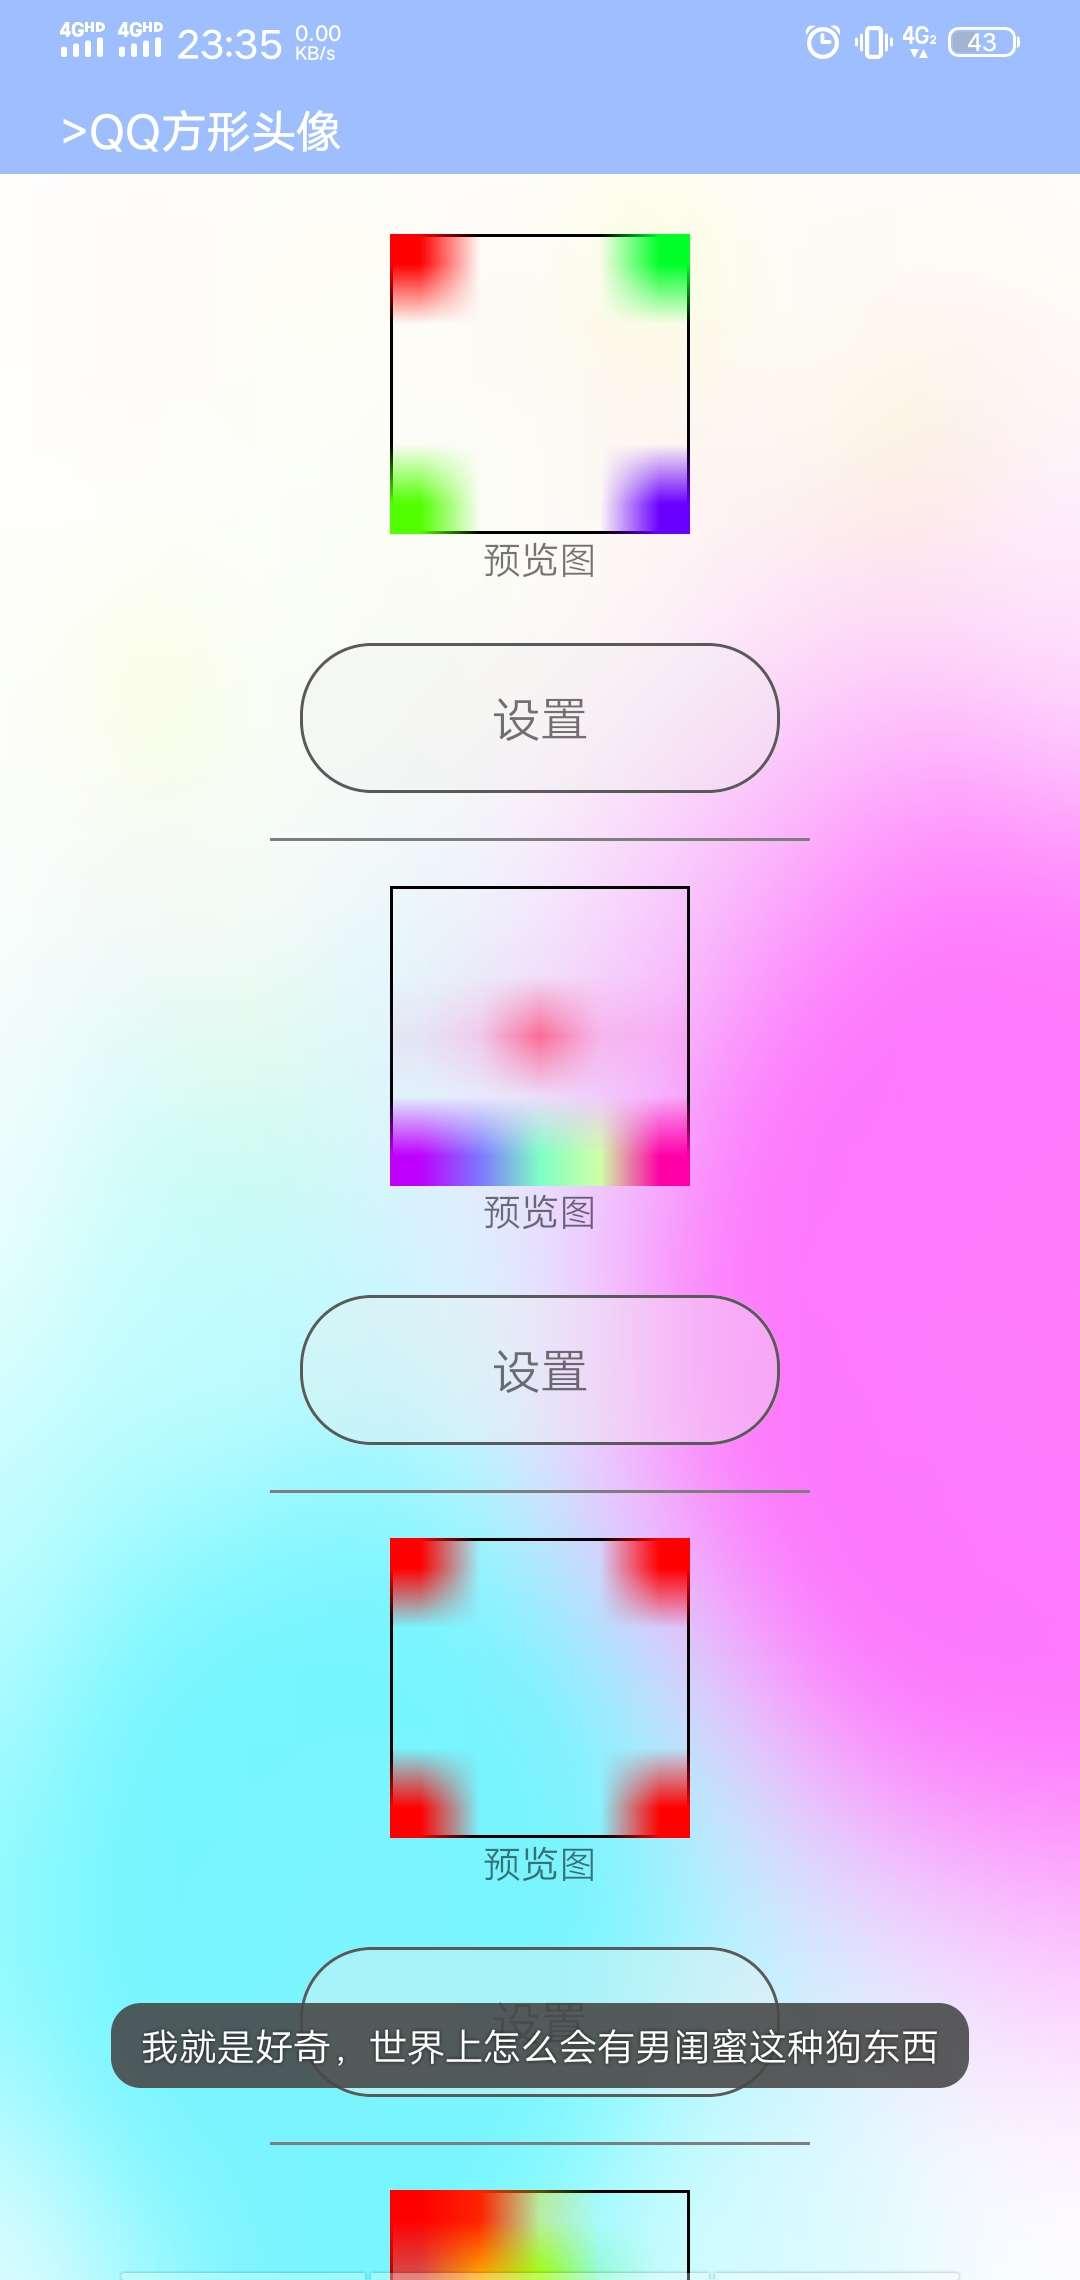 【原创】QQ方块头像v_1.0,安卓手机本地上传QQ方块头像